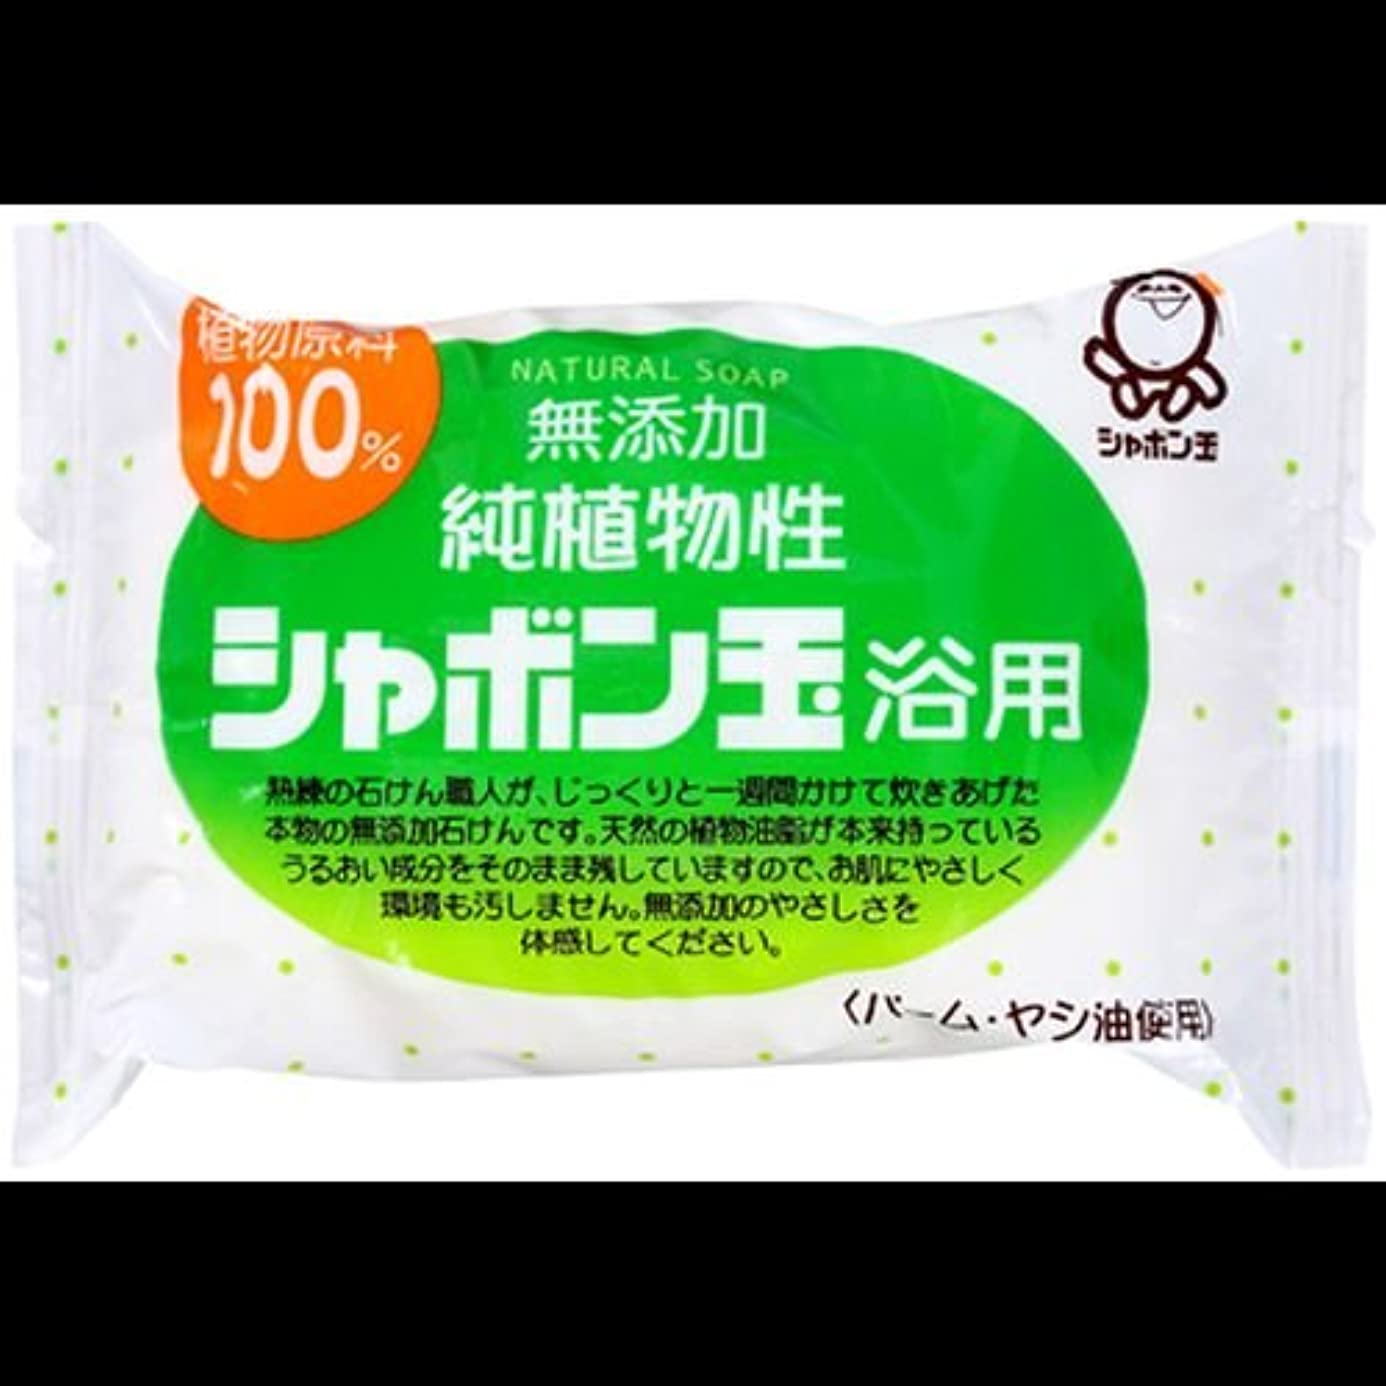 厳密にドナウ川怒り【まとめ買い】シャボン玉 無添加 純植物性 シャボン玉浴用石けん 純植物性 100g ×2セット